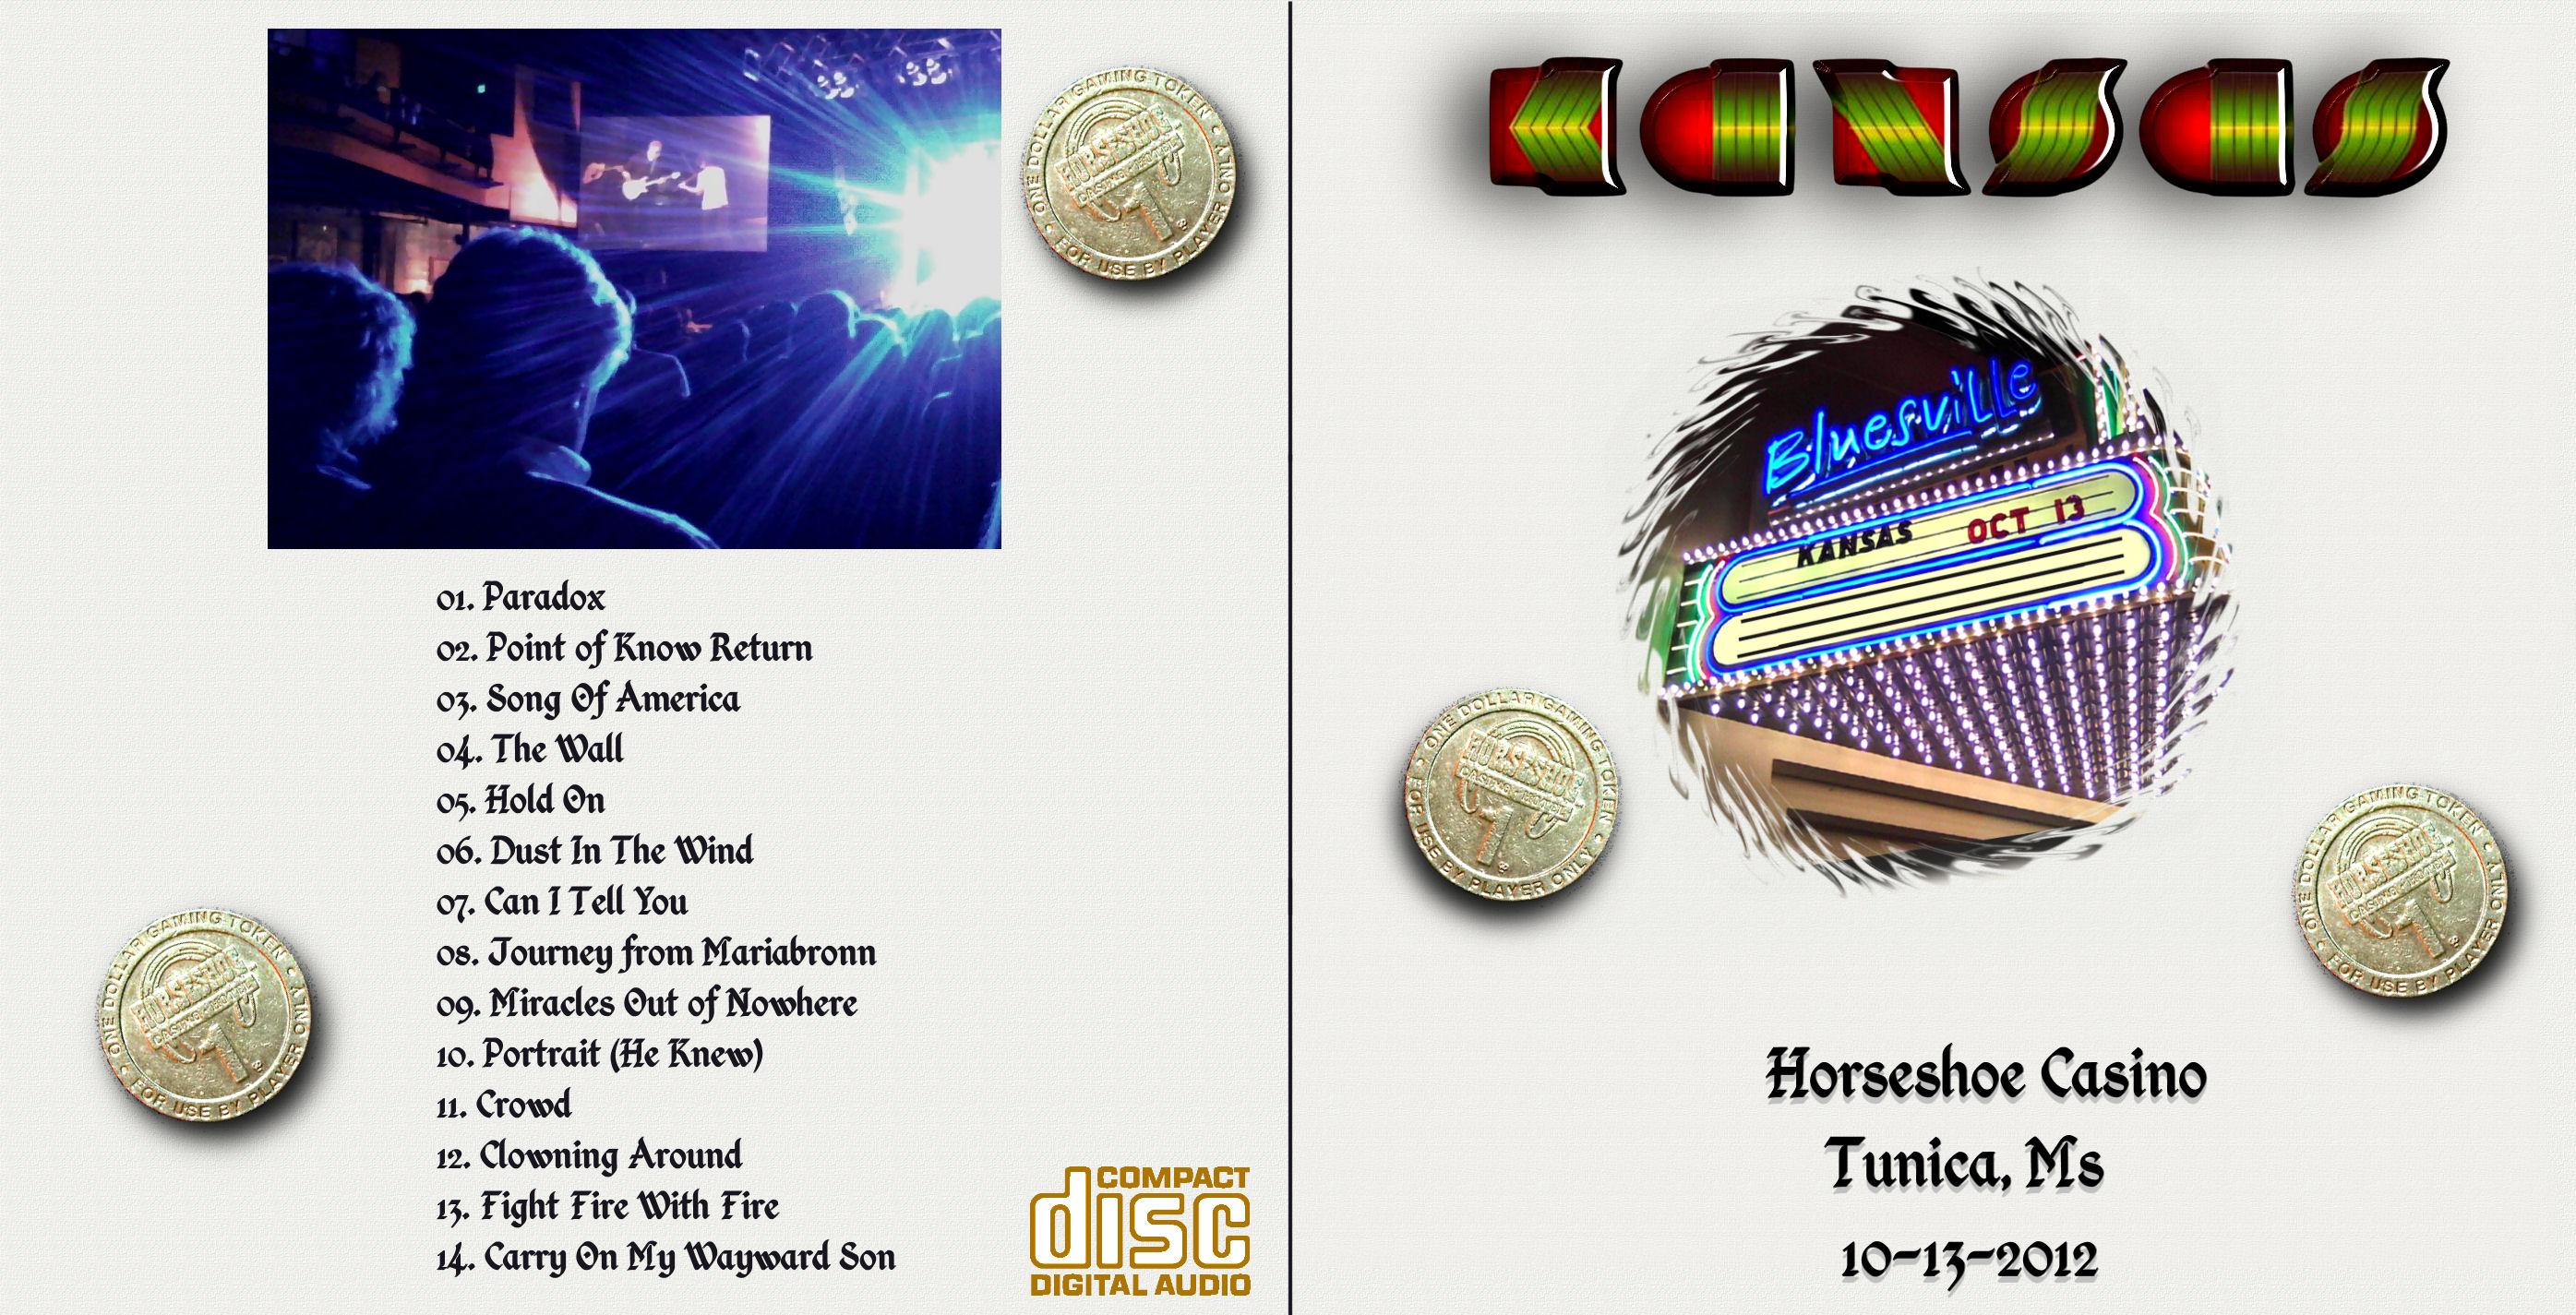 Kansas2012-10-13HorseshoeCasinoTunicaMS.jpg